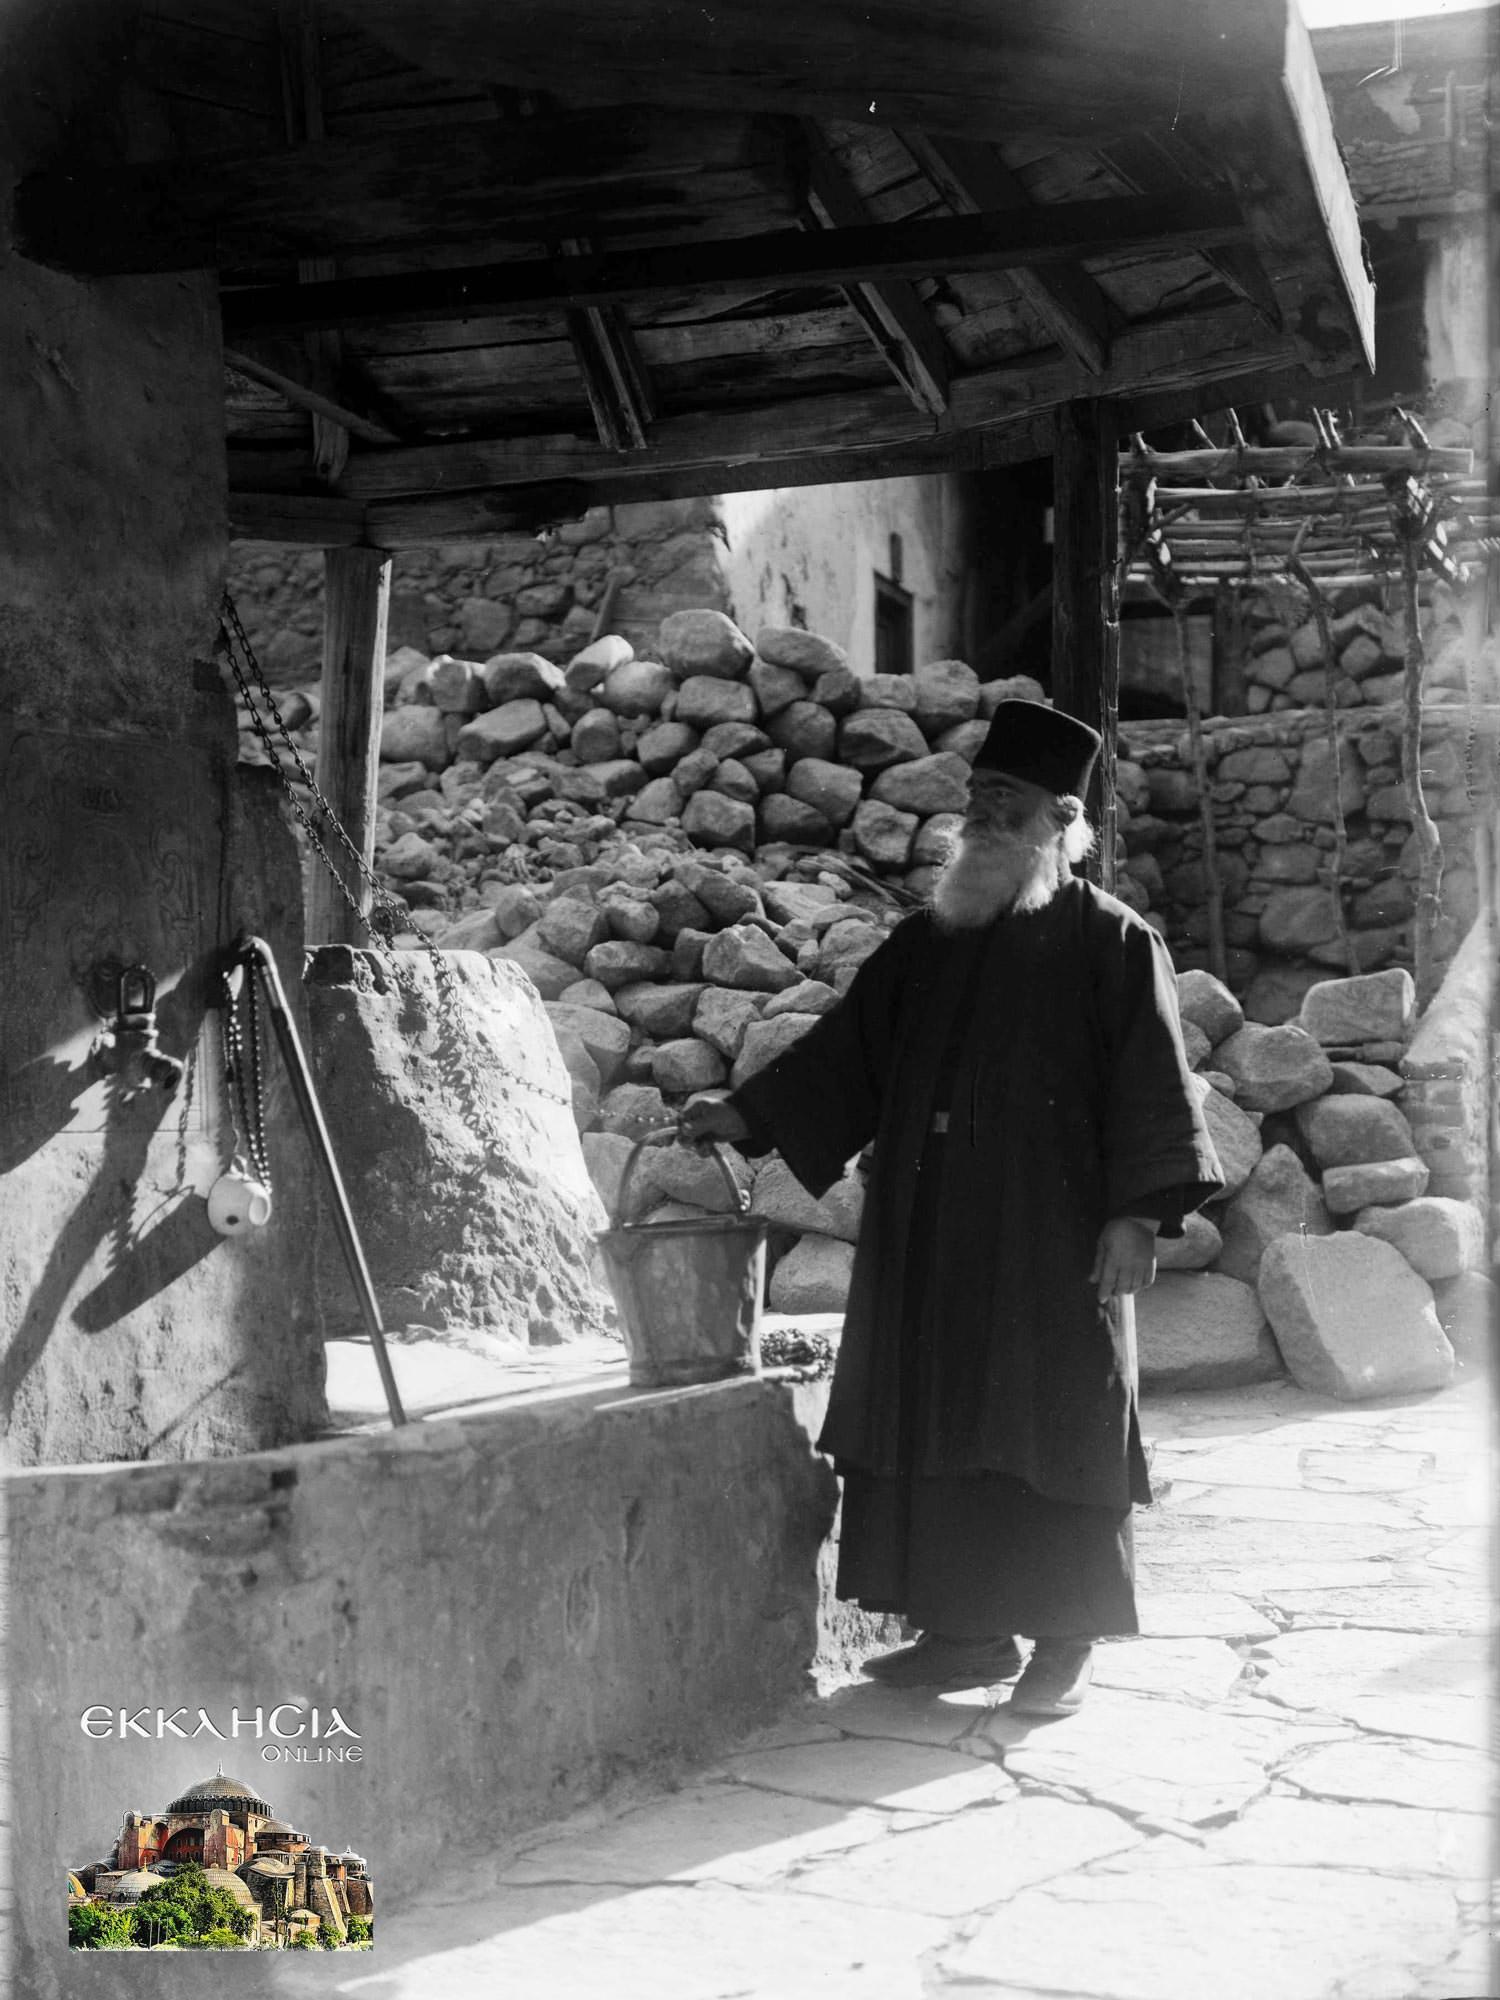 Μοναχοί Ιερά Μονή Σινά